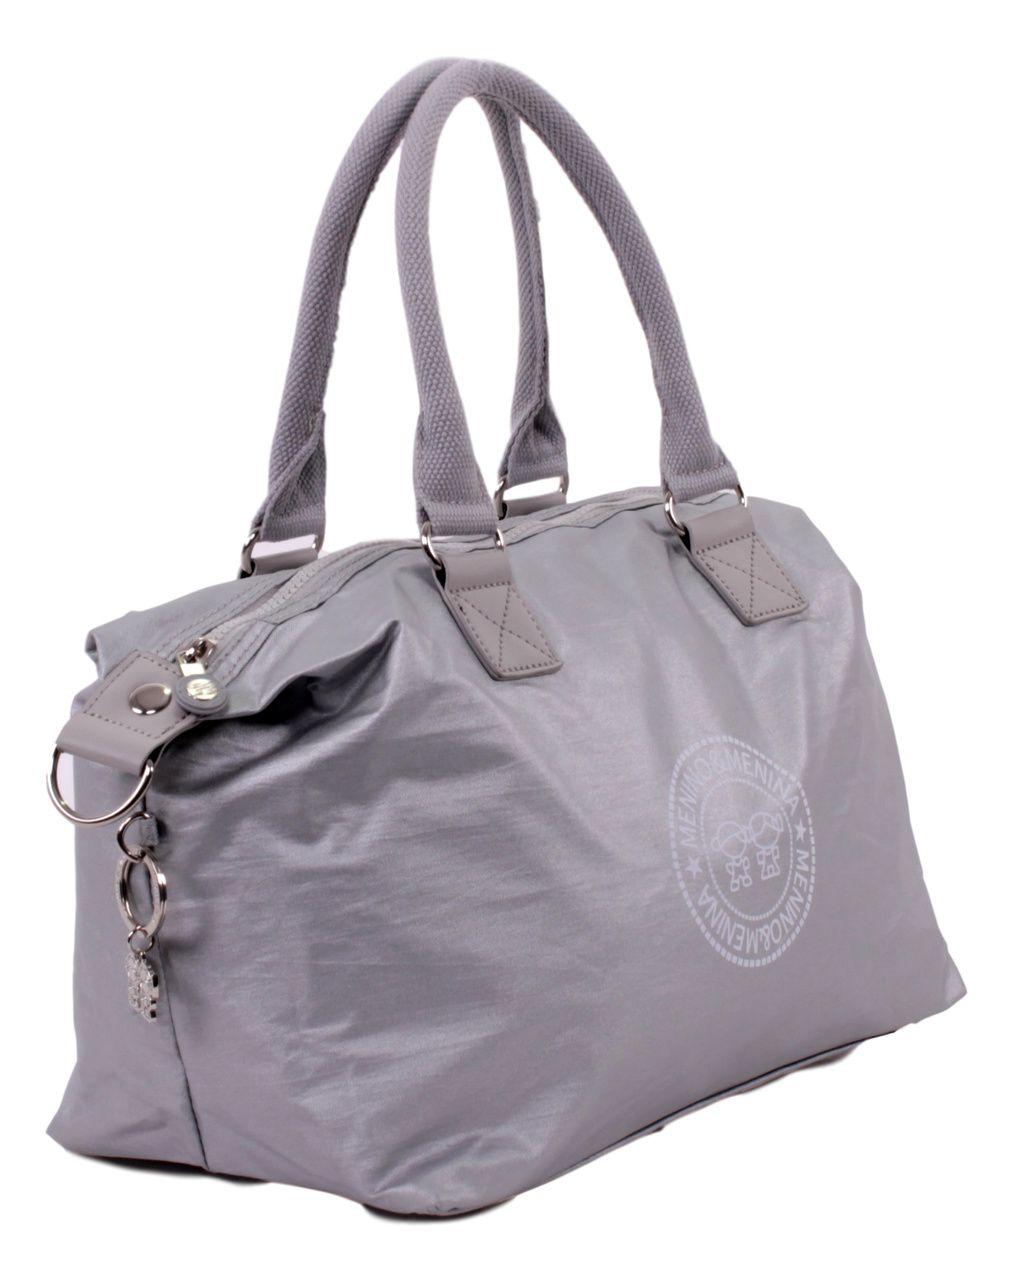 Bolsa tiracolo Nylon HT6025  - Menino_Menina